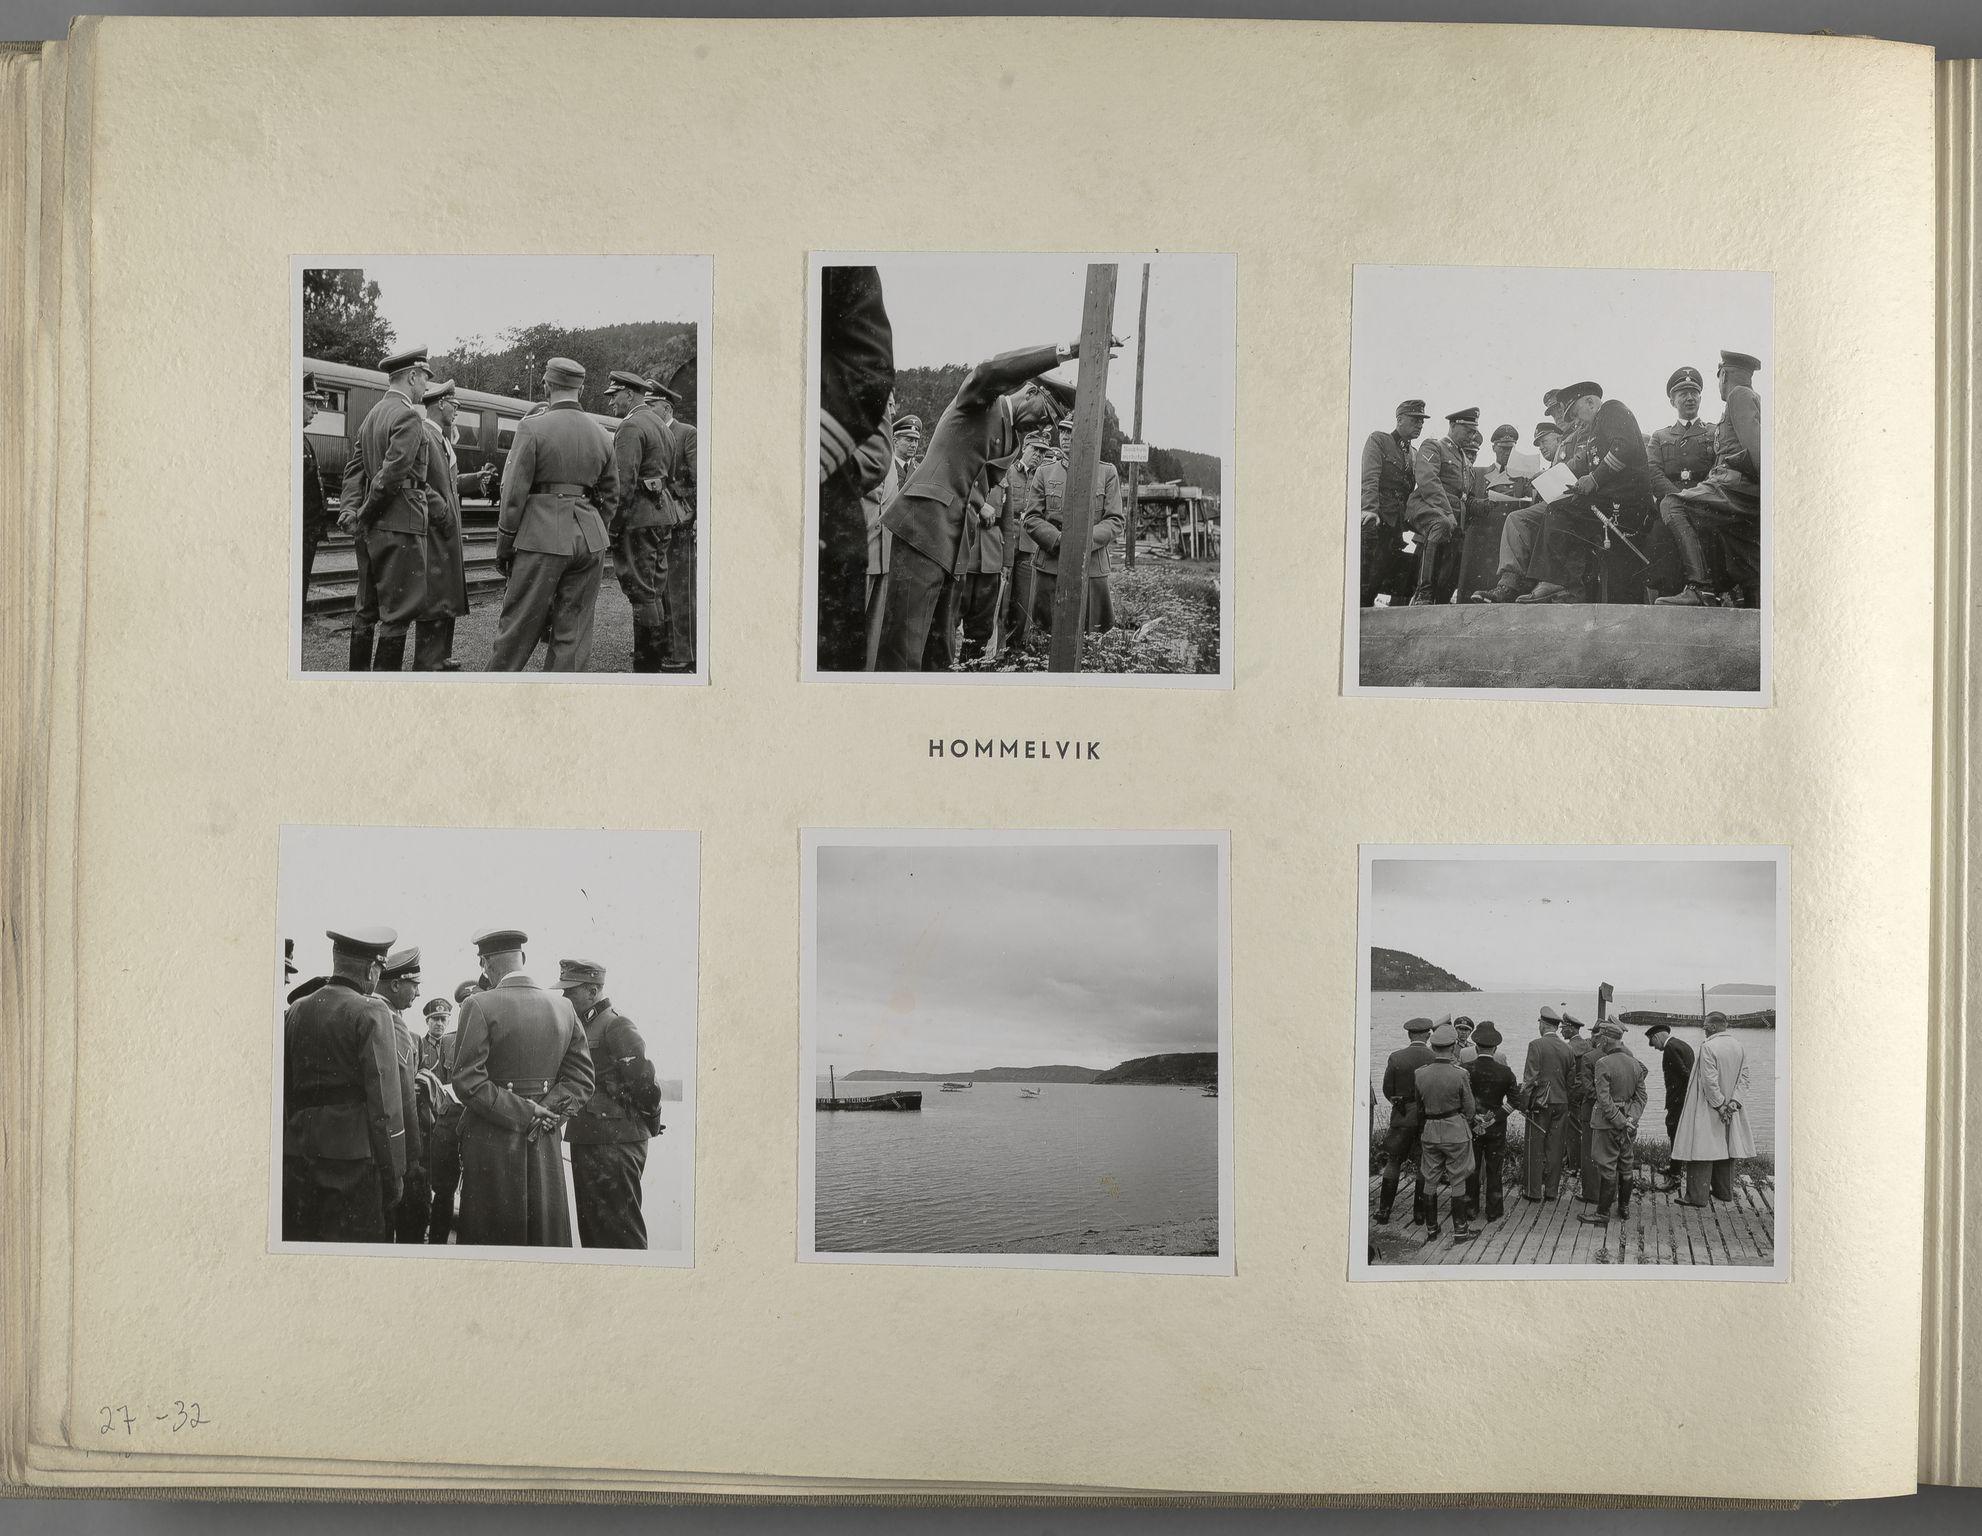 RA, Tyske arkiver, Reichskommissariat, Bildarchiv, U/L0071: Fotoalbum: Mit dem Reichskommissar nach Nordnorwegen und Finnland 10. bis 27. Juli 1942, 1942, s. 18